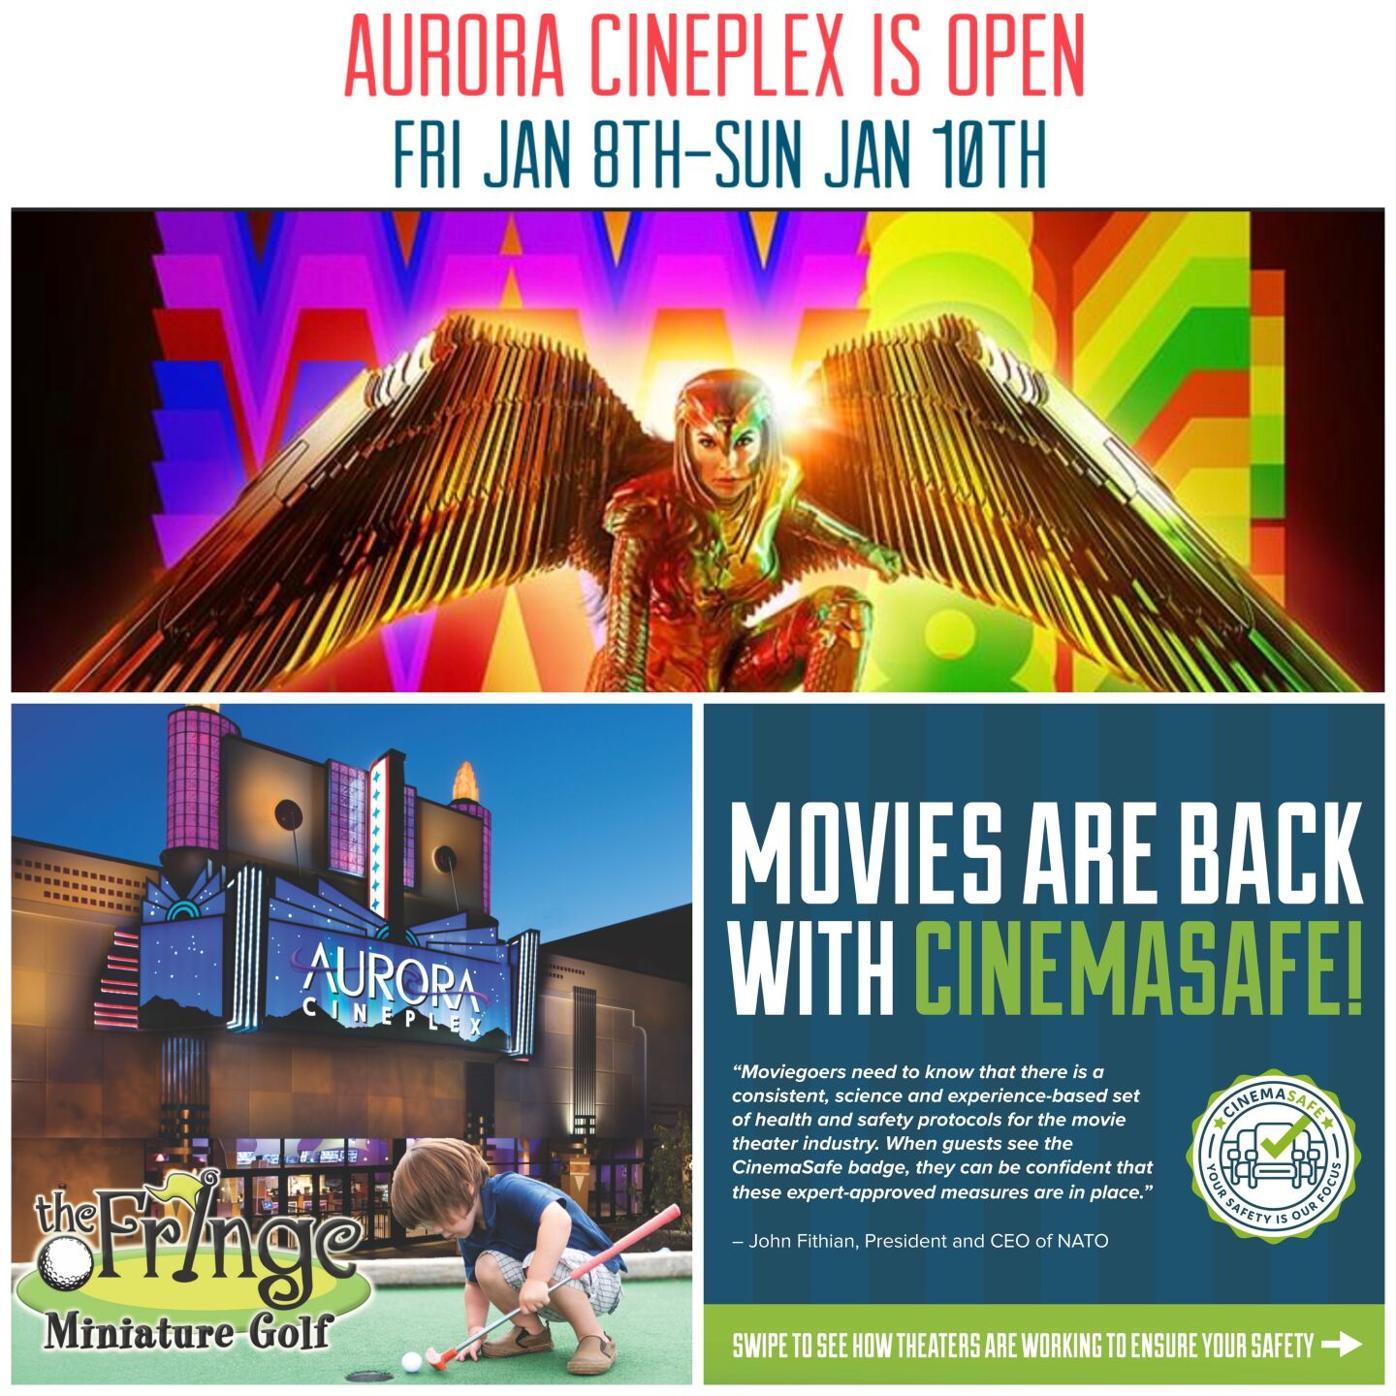 Wonder Woman Weekend at Aurora Cineplex